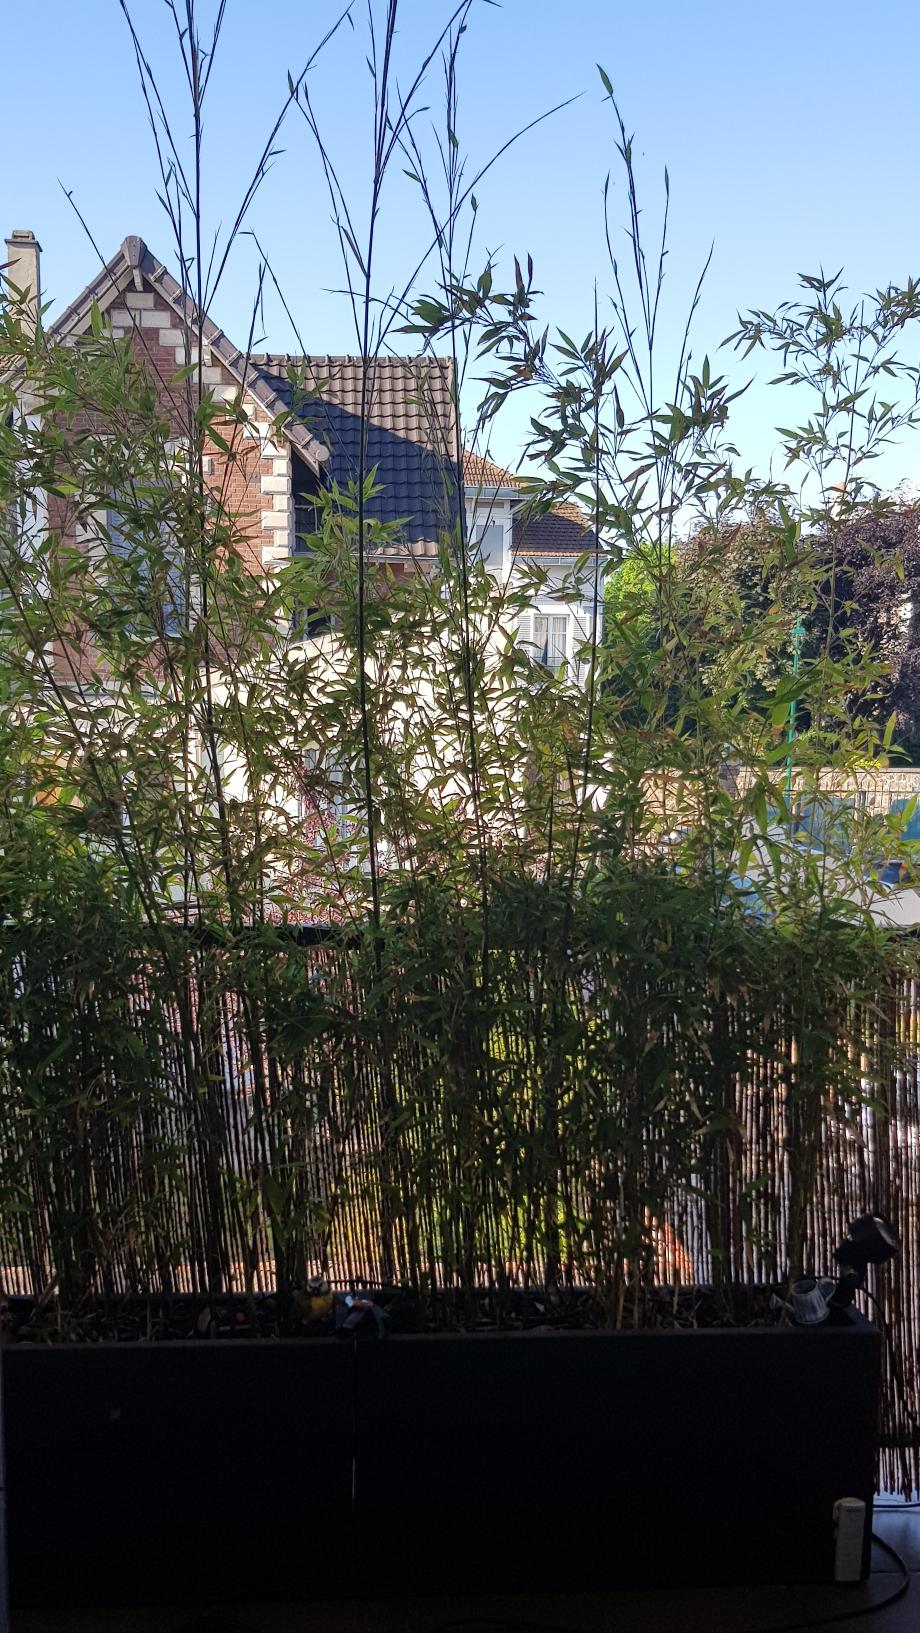 Constitution brise vue bambous 8 mai 18.jpg